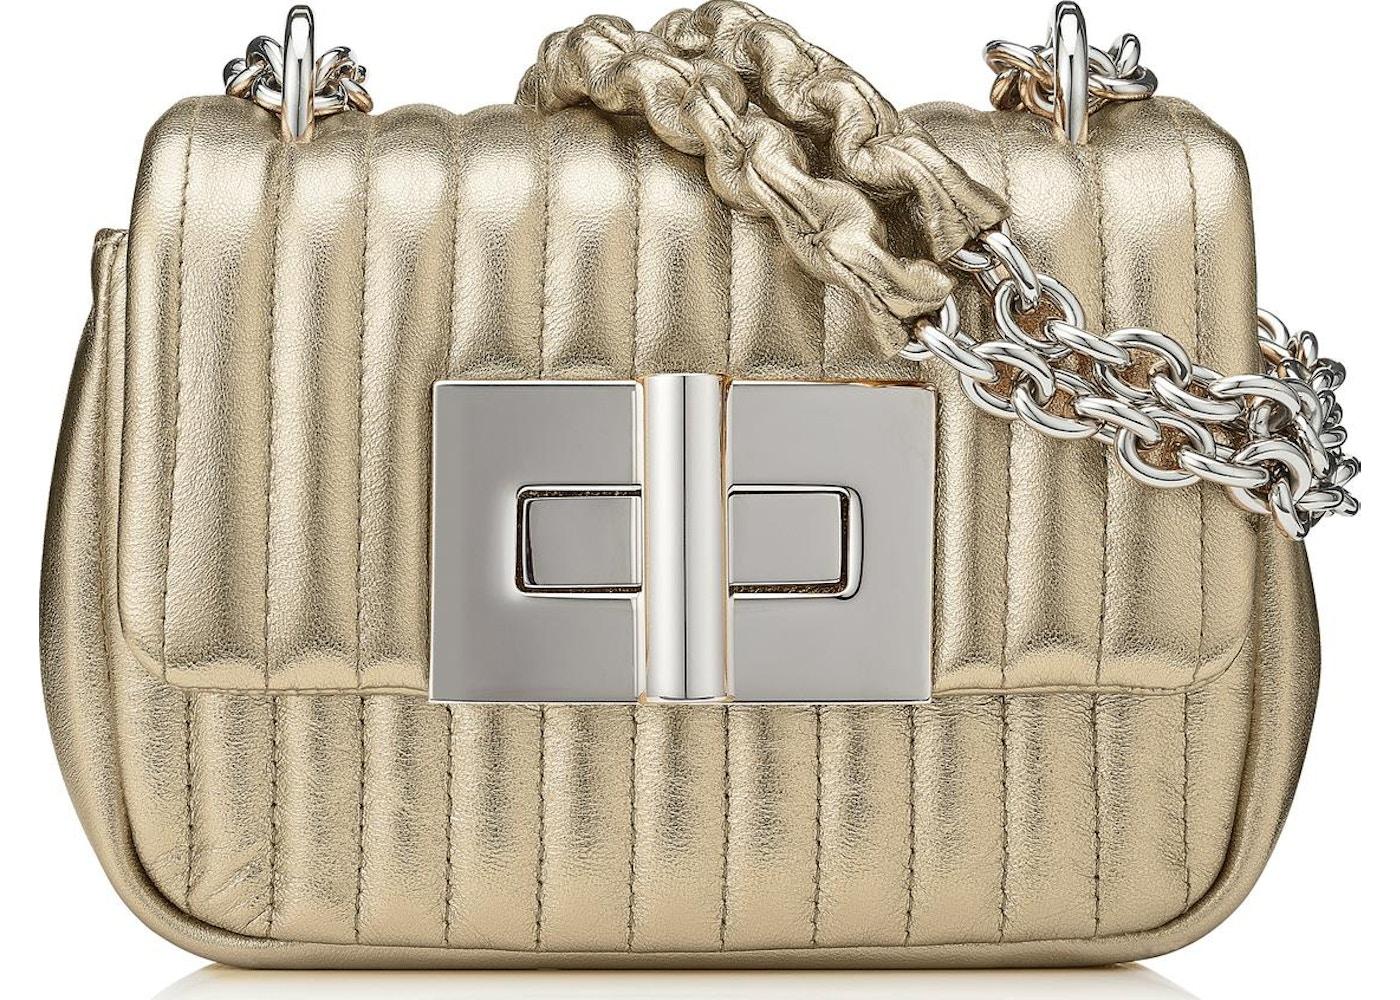 d1dab253e Tom Ford Soft Natalia Shoulder Bag Quilted Mini Pale Gold. Quilted Mini  Pale Gold